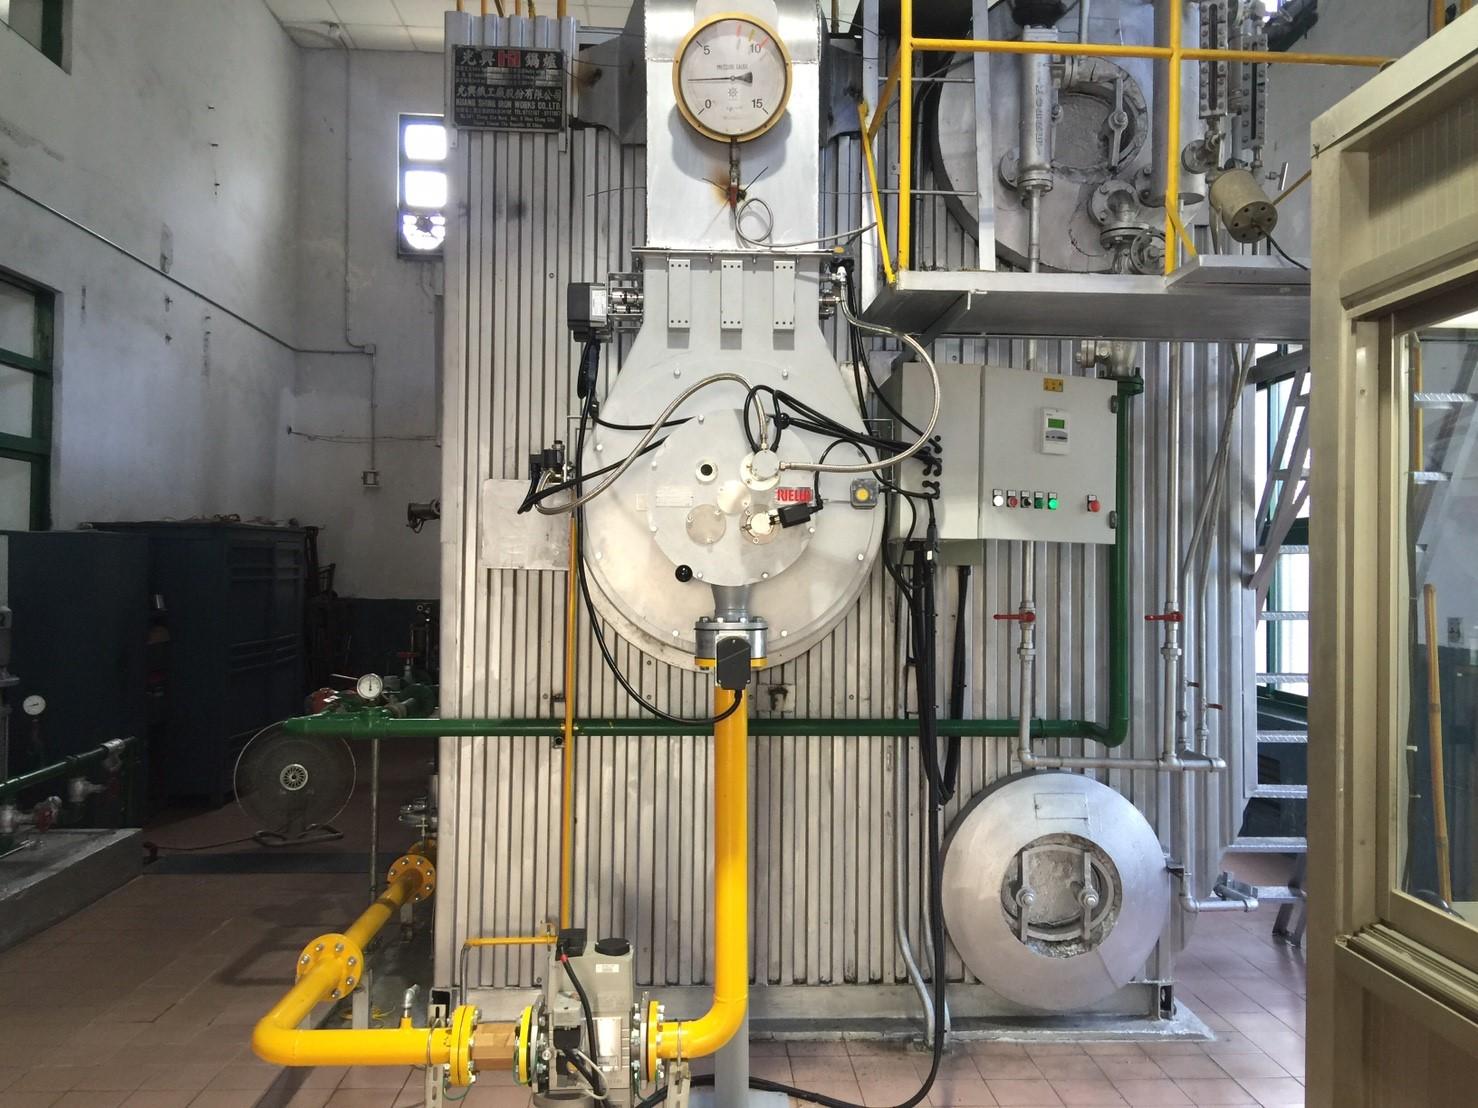 菸廠-水管式蒸氣鍋爐-重油燃燒設備更換成天然氣燃燒設備工程-一號爐